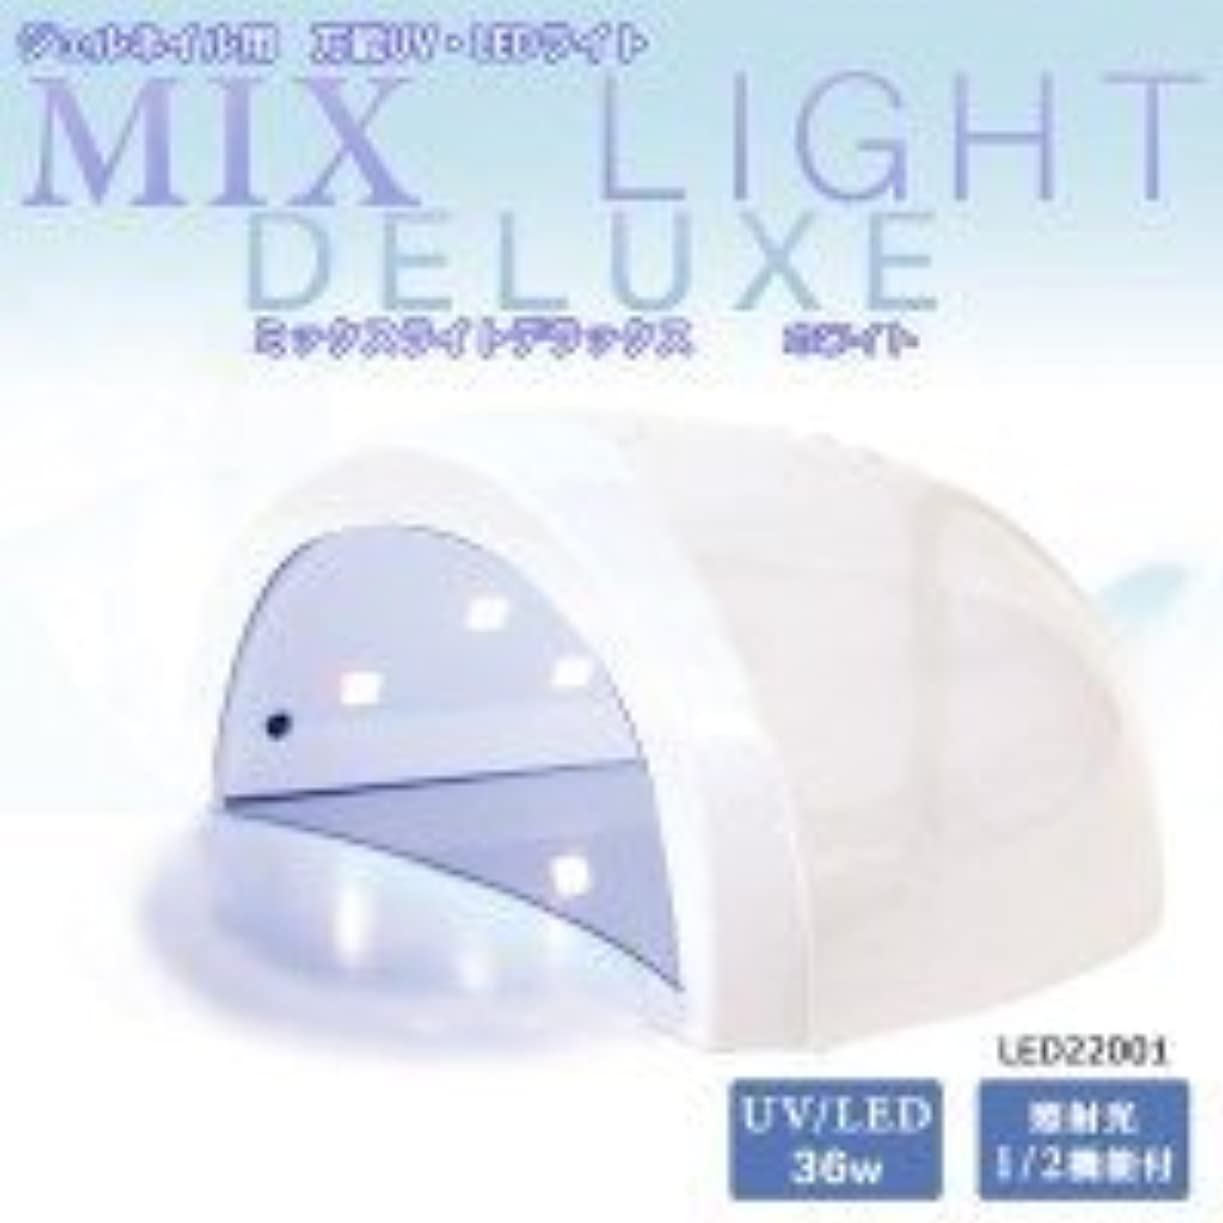 裁判官デモンストレーションレシピビューティーワールド ジェルネイル用 万能UV?LEDライト MIX LIGHT DELUXE ミックスライトデラックス  ホワイトLED22001